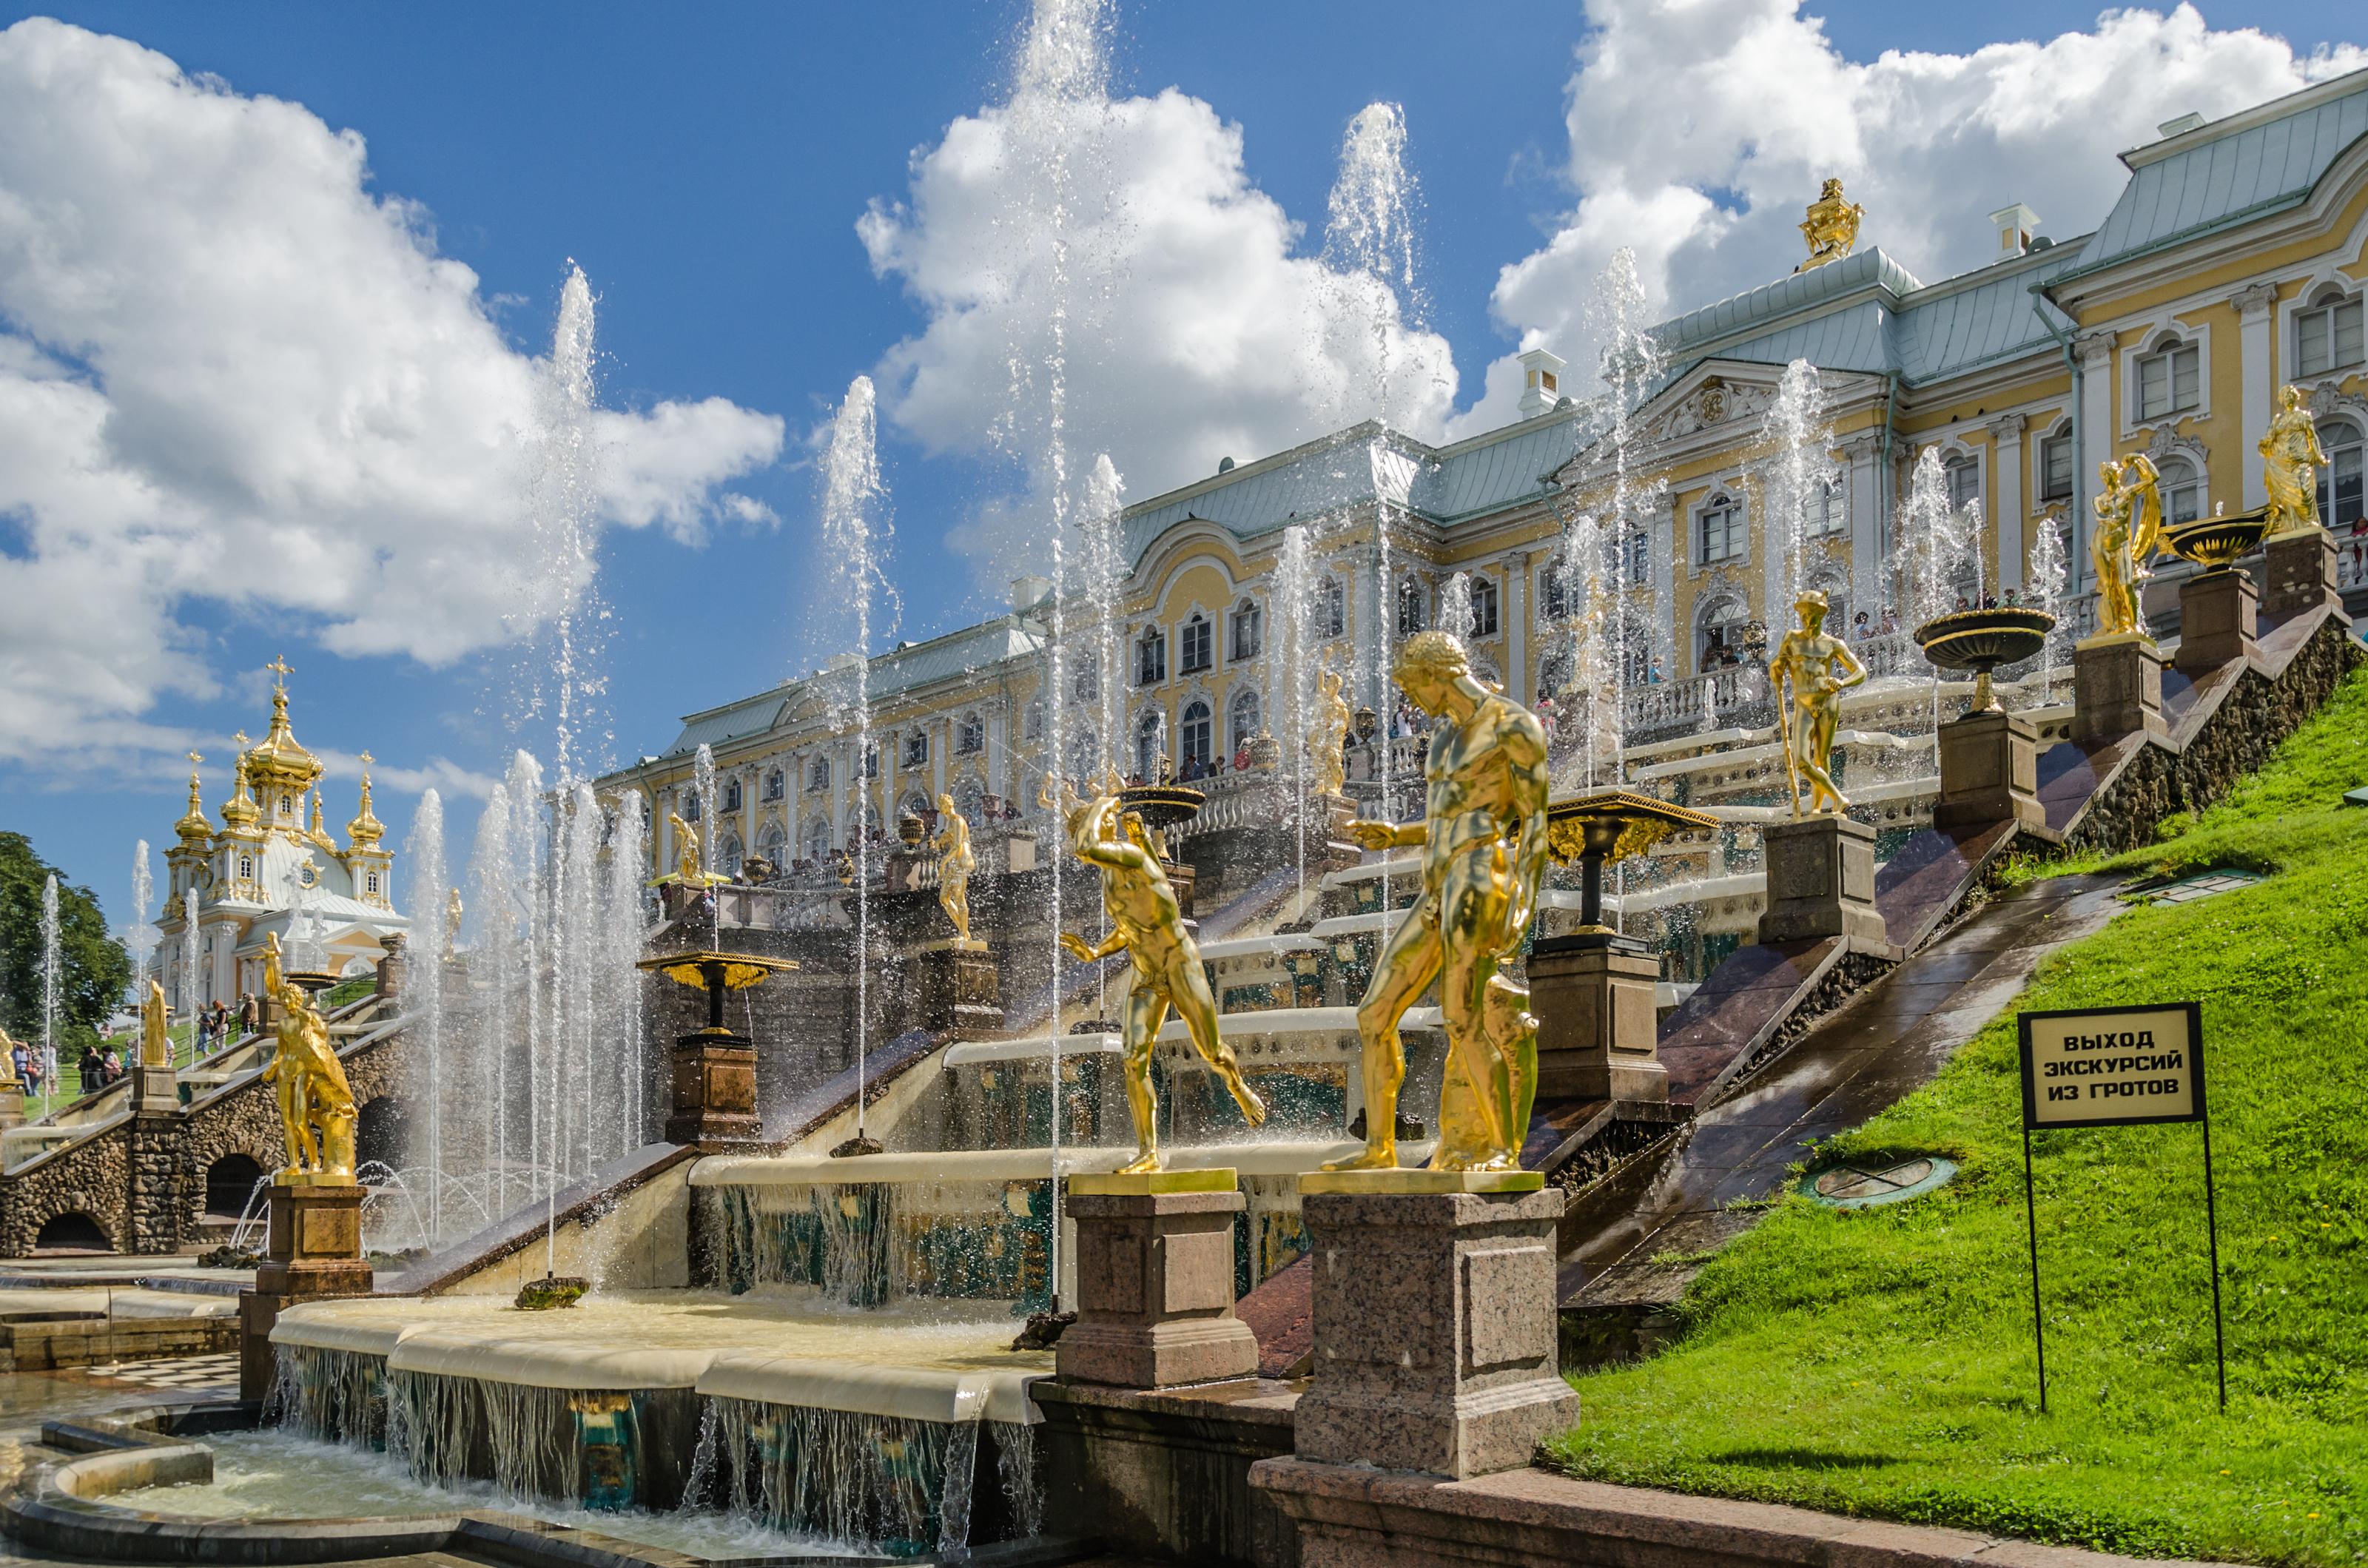 Grand Cascade of Peterhof 01.jpg